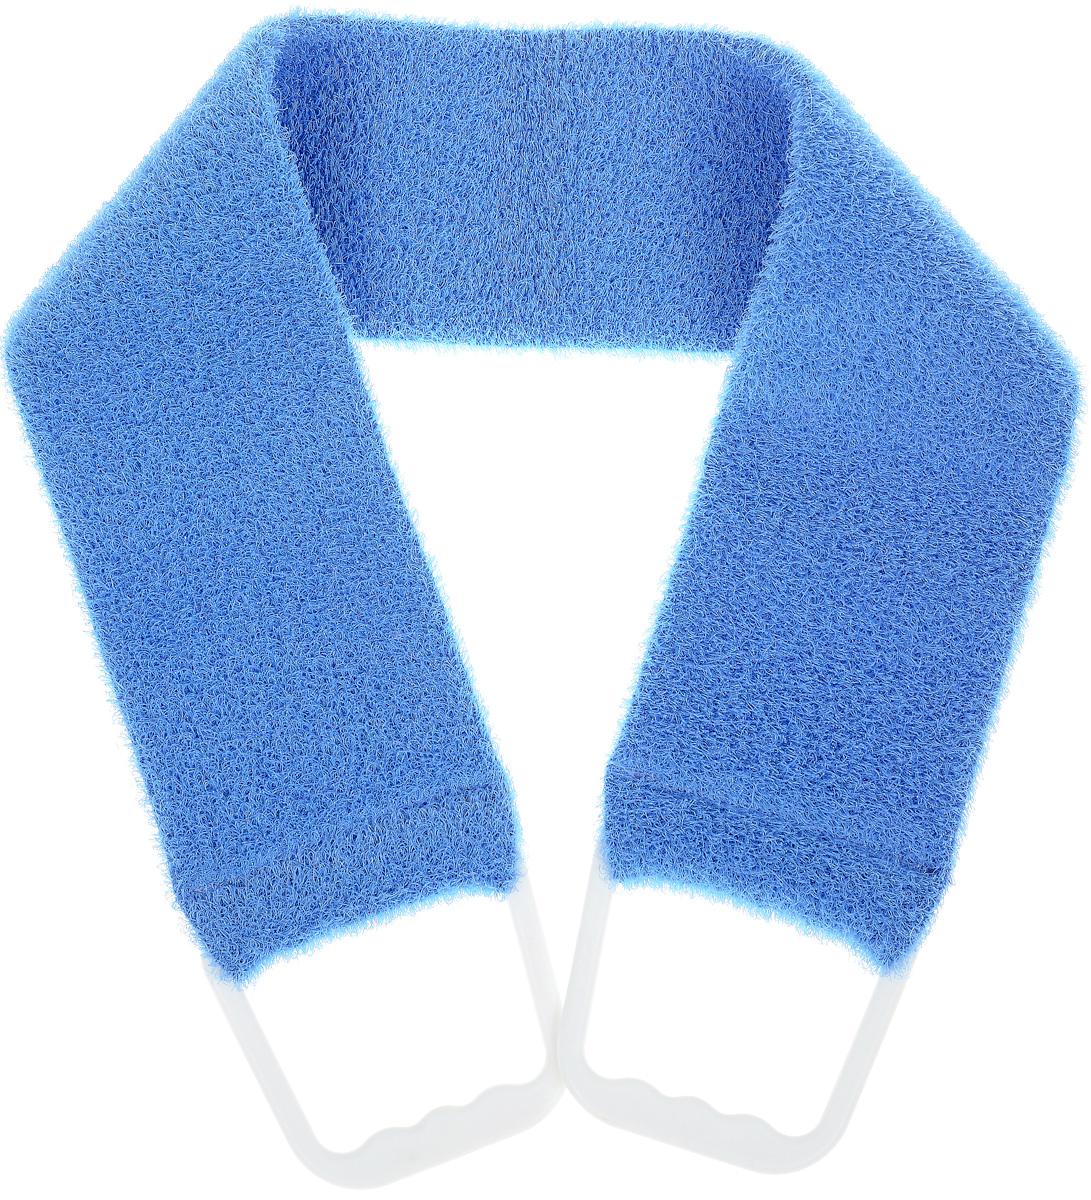 Riffi Мочалка-пояс, массажная, жесткая, цвет: синий6Riffi Мочалка-пояс, массажная, жесткая, цвет: синий